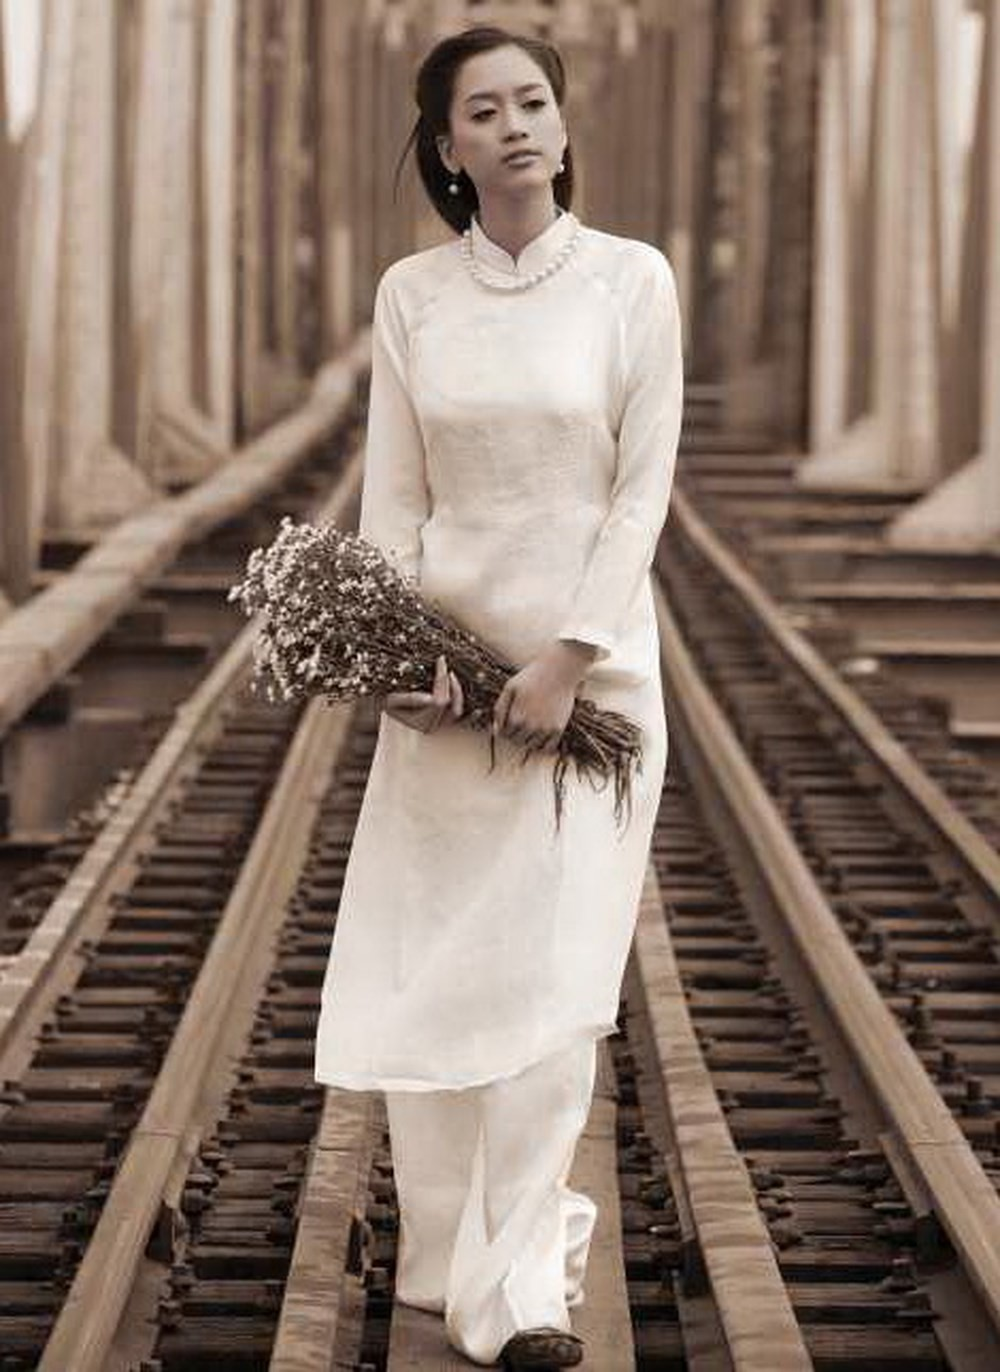 Mẫu áo dài Lê Phổ cổ cao được xem là mẫu nguyên gốc của thiết kế áo dài Việt hiện nay